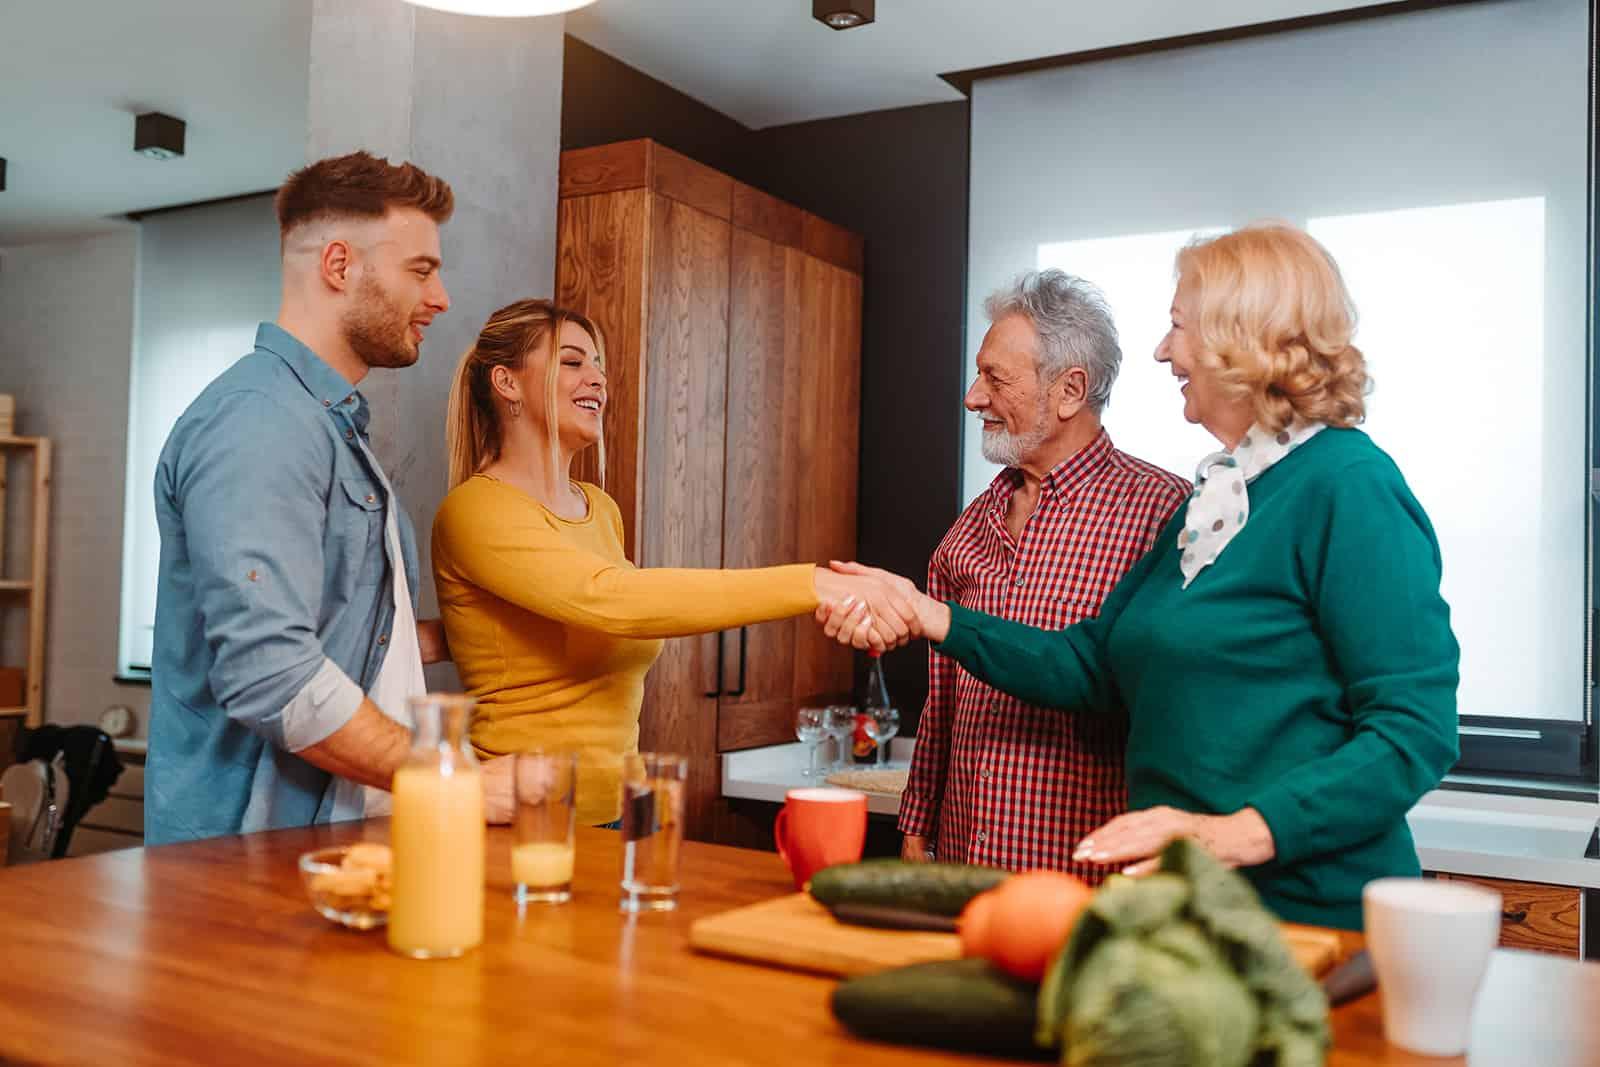 un homme présente sa petite amie à ses parents à la maison